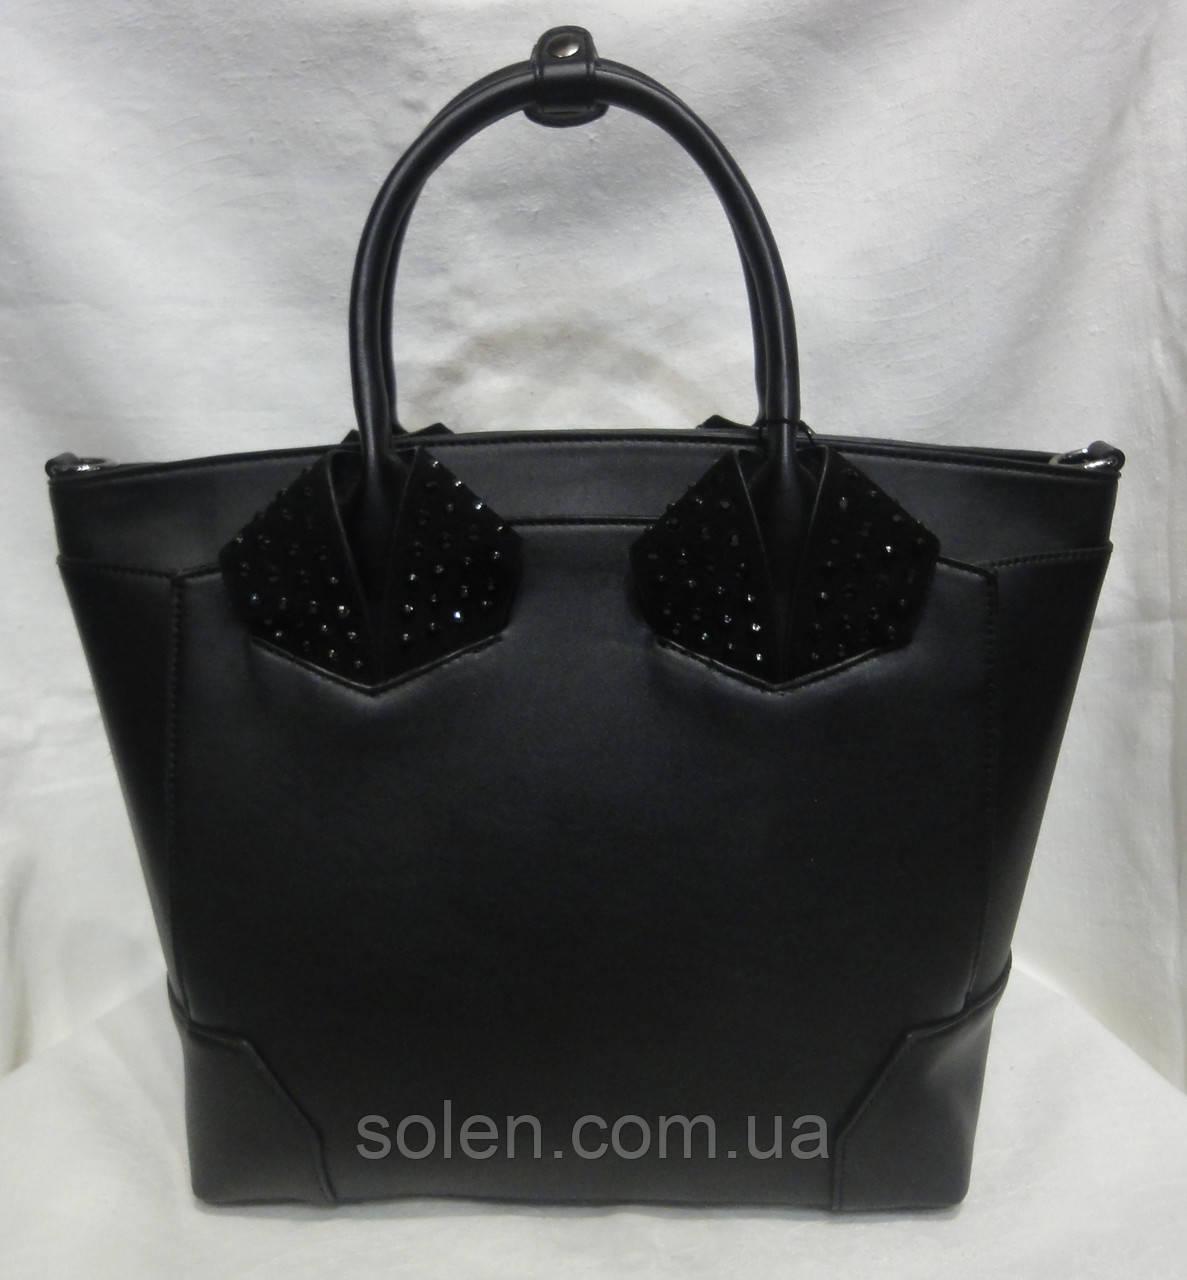 1bdc3d6b50e7 Эффектная женская сумка. Стильная сумка.: продажа, цена в Харькове ...